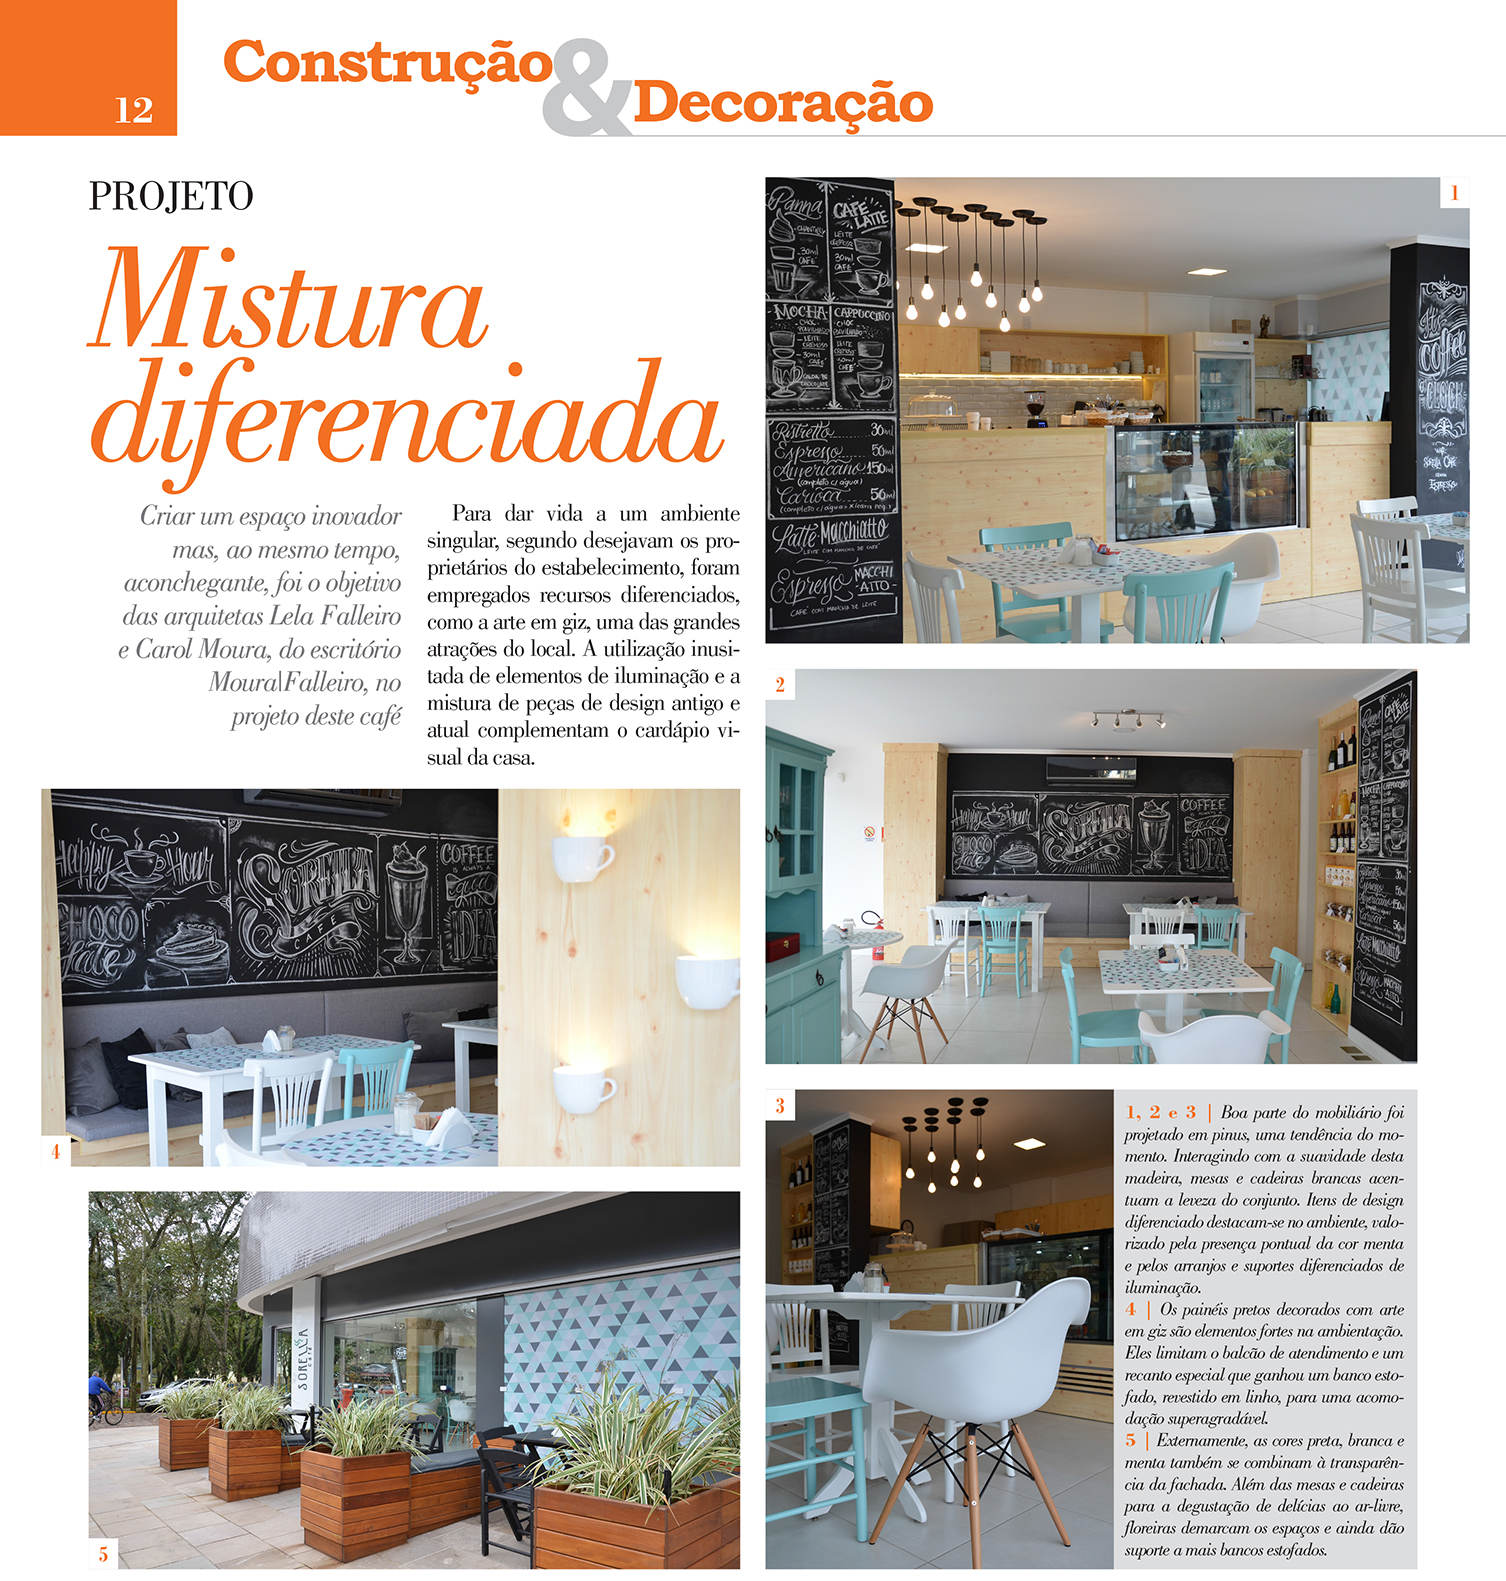 CONSTRUÇÃO_12_2